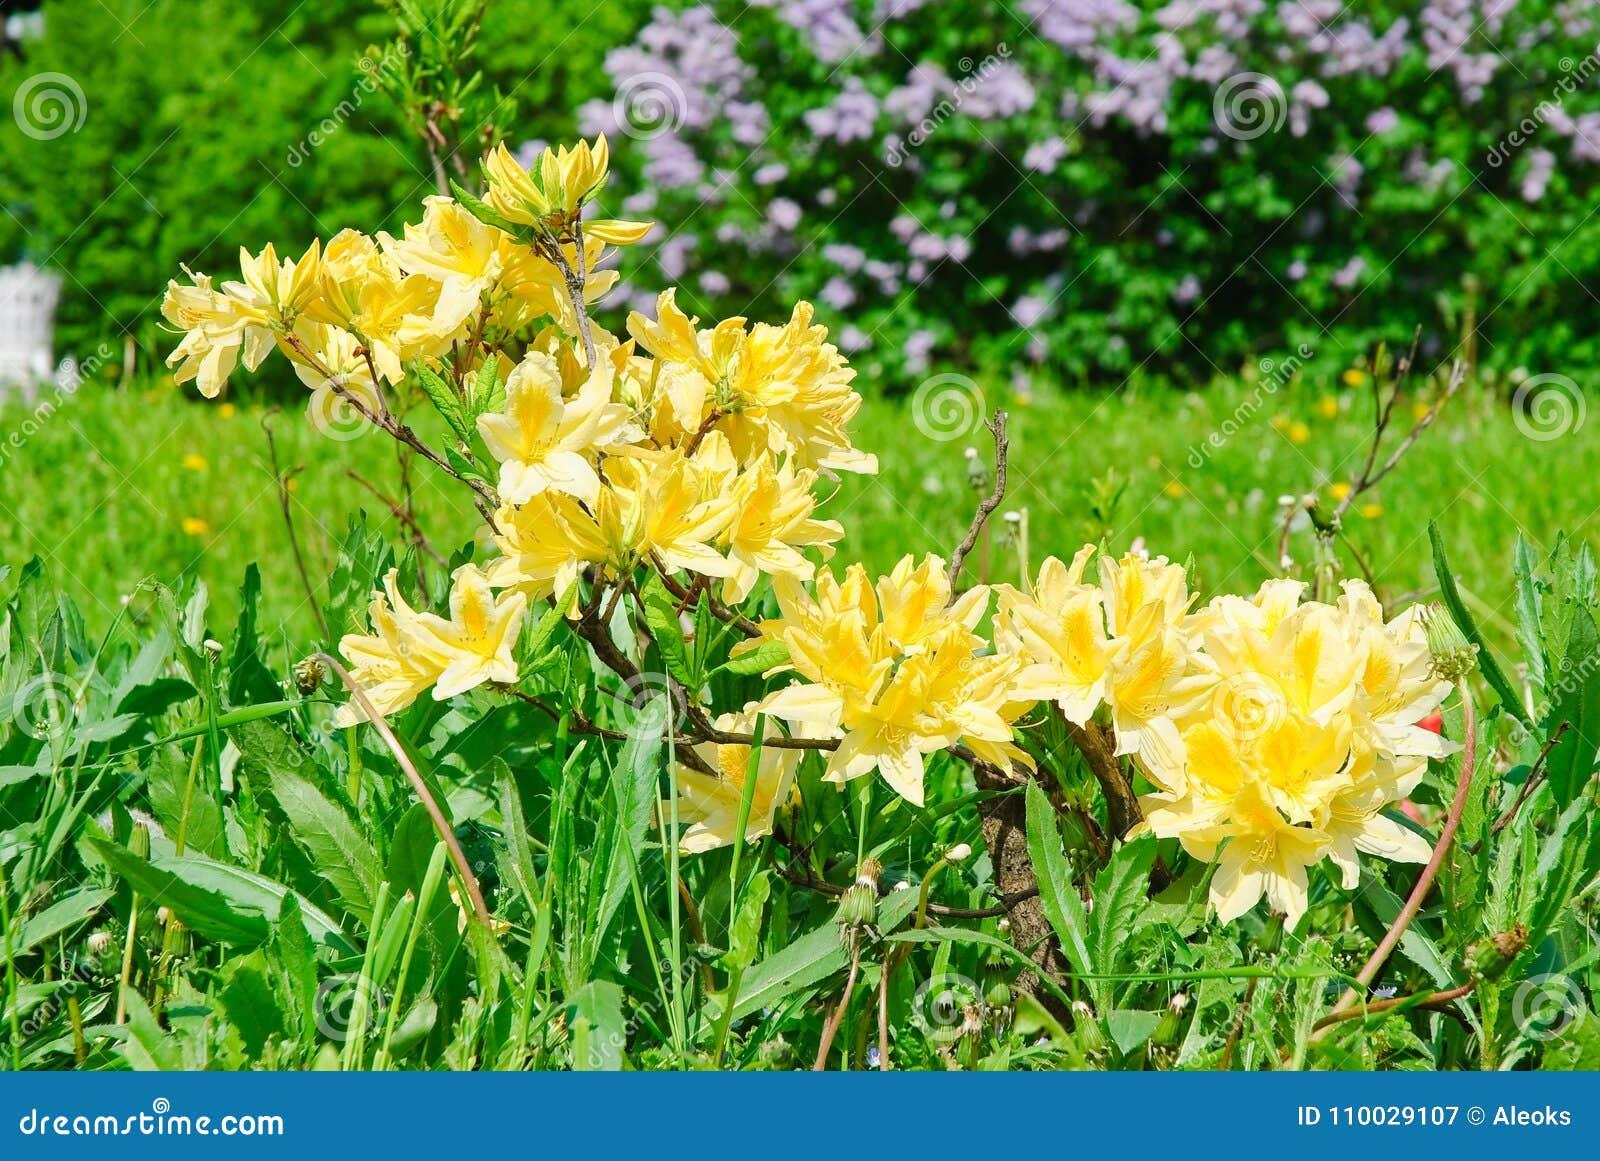 De Japanse gele vergankelijke rododendron